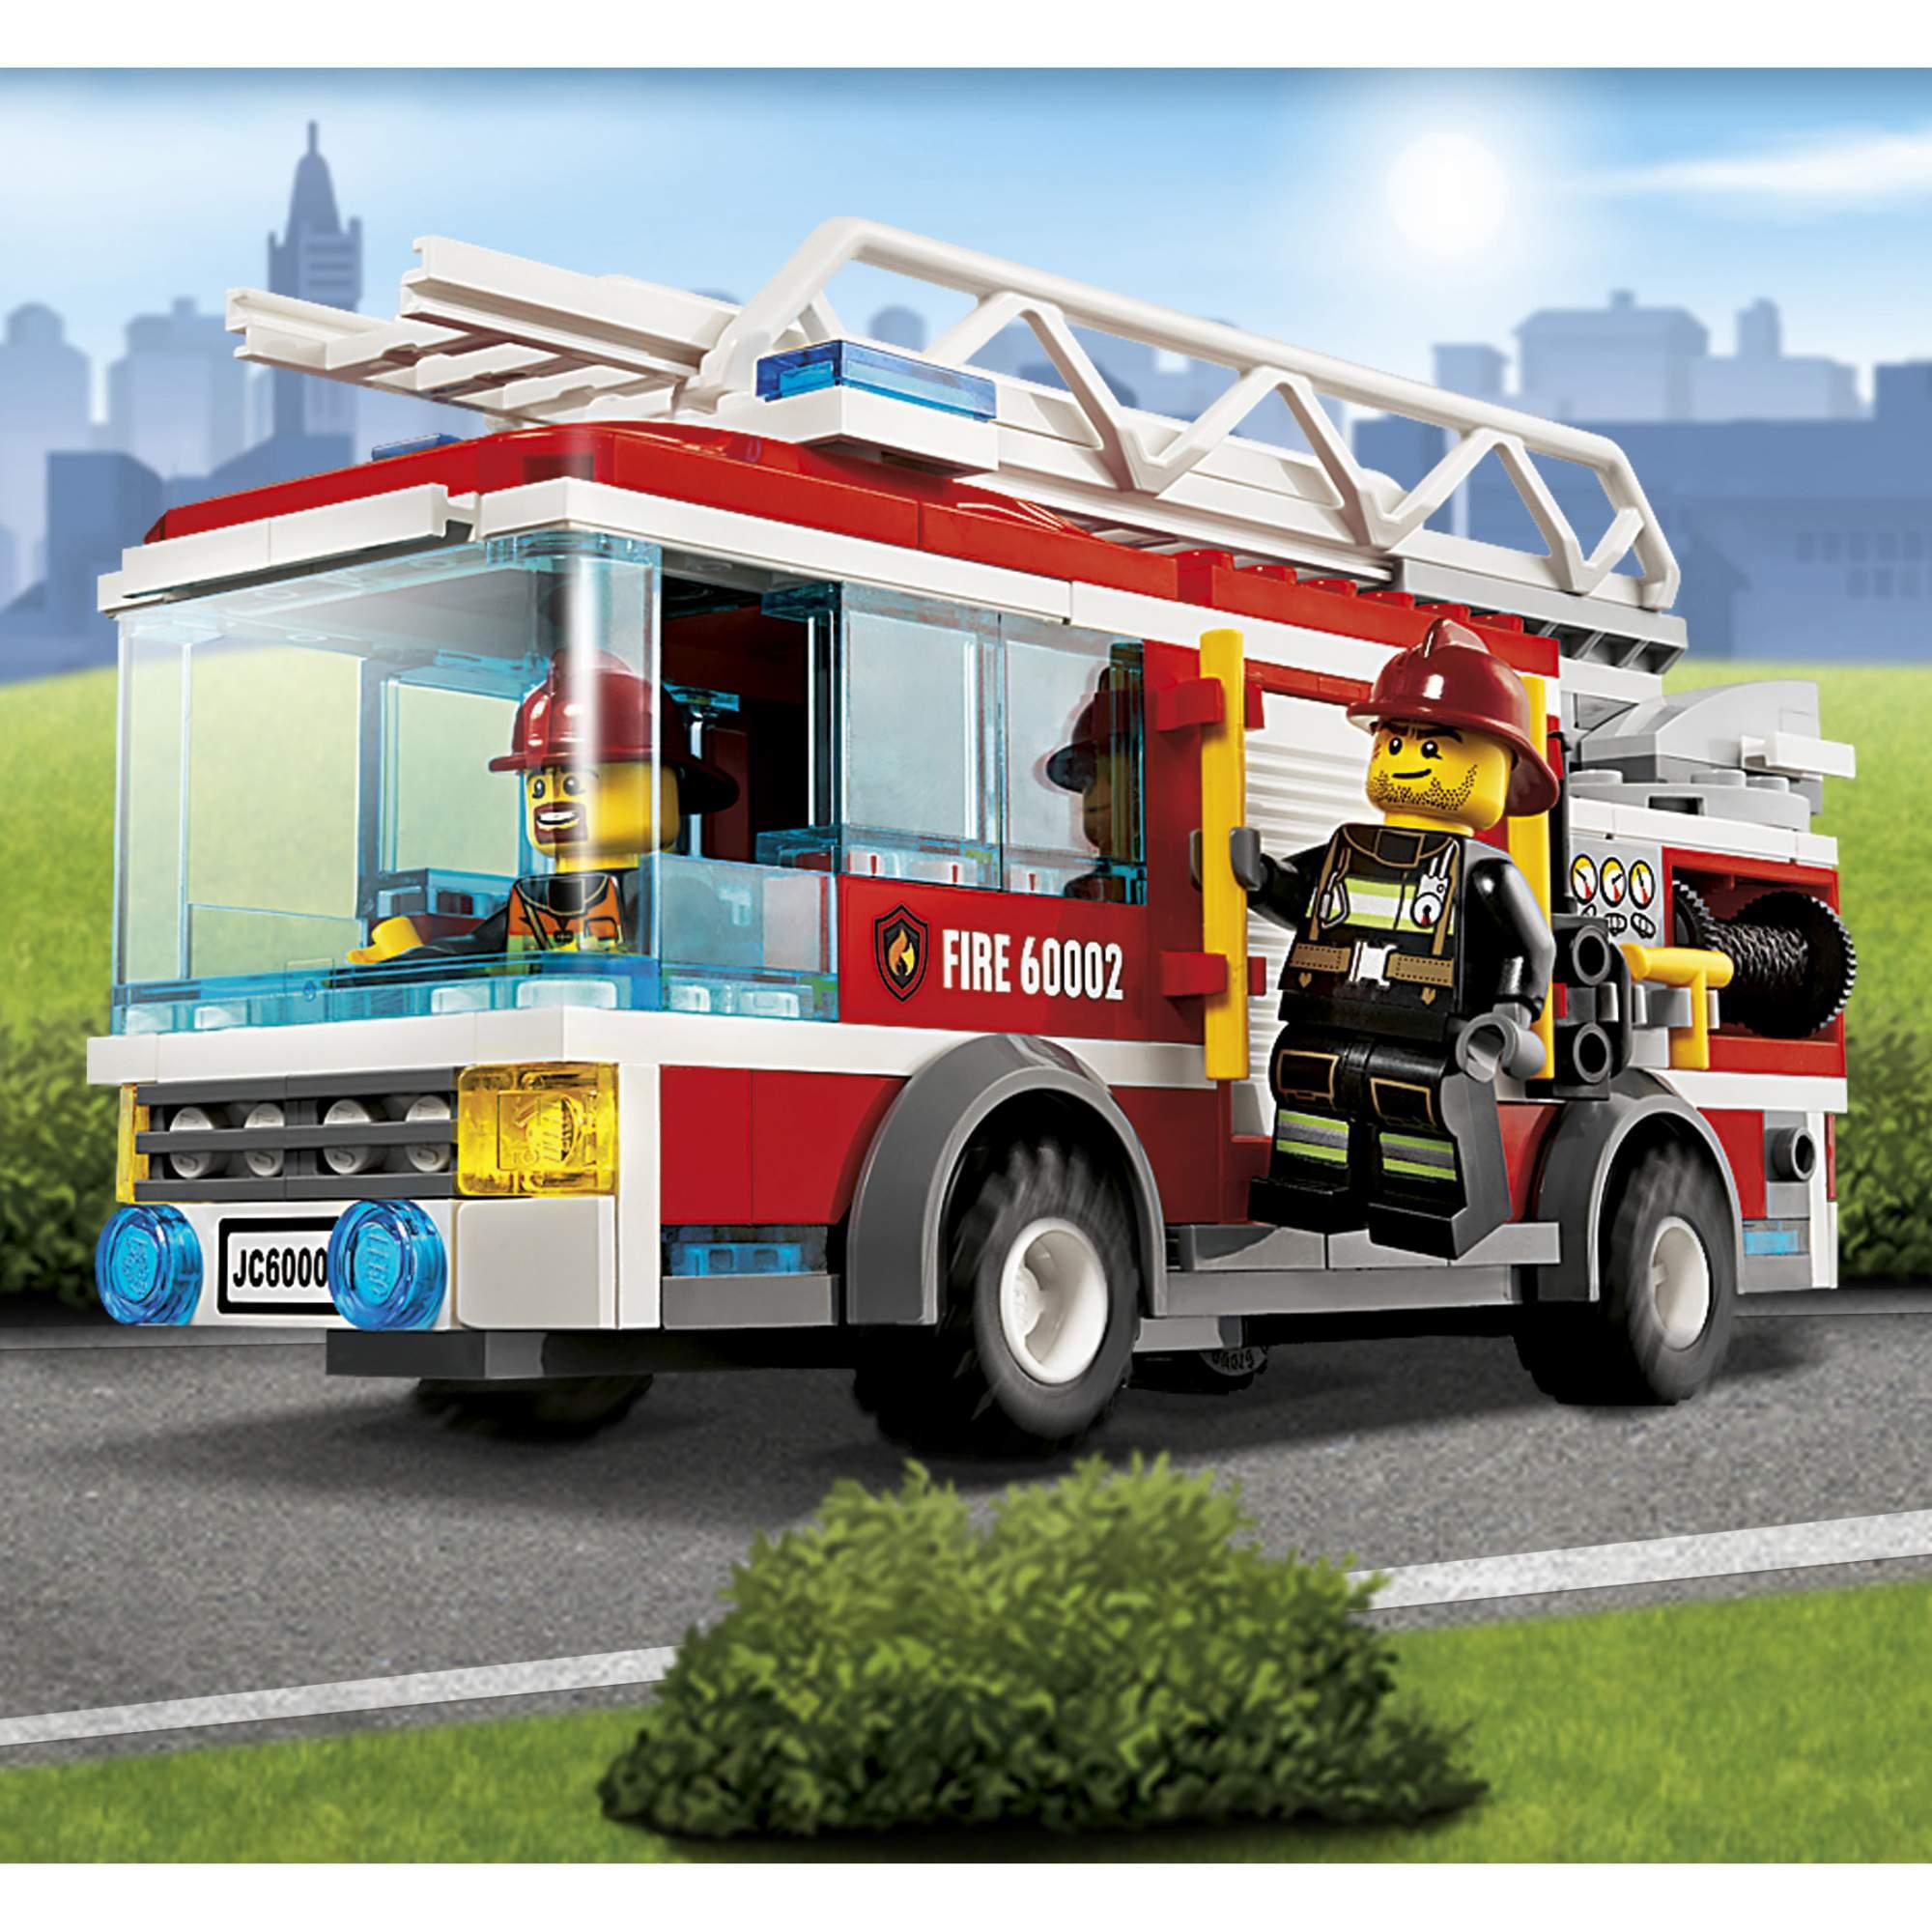 болонка игривая, лего сити пожарная машина картинки слишком увлечены этой